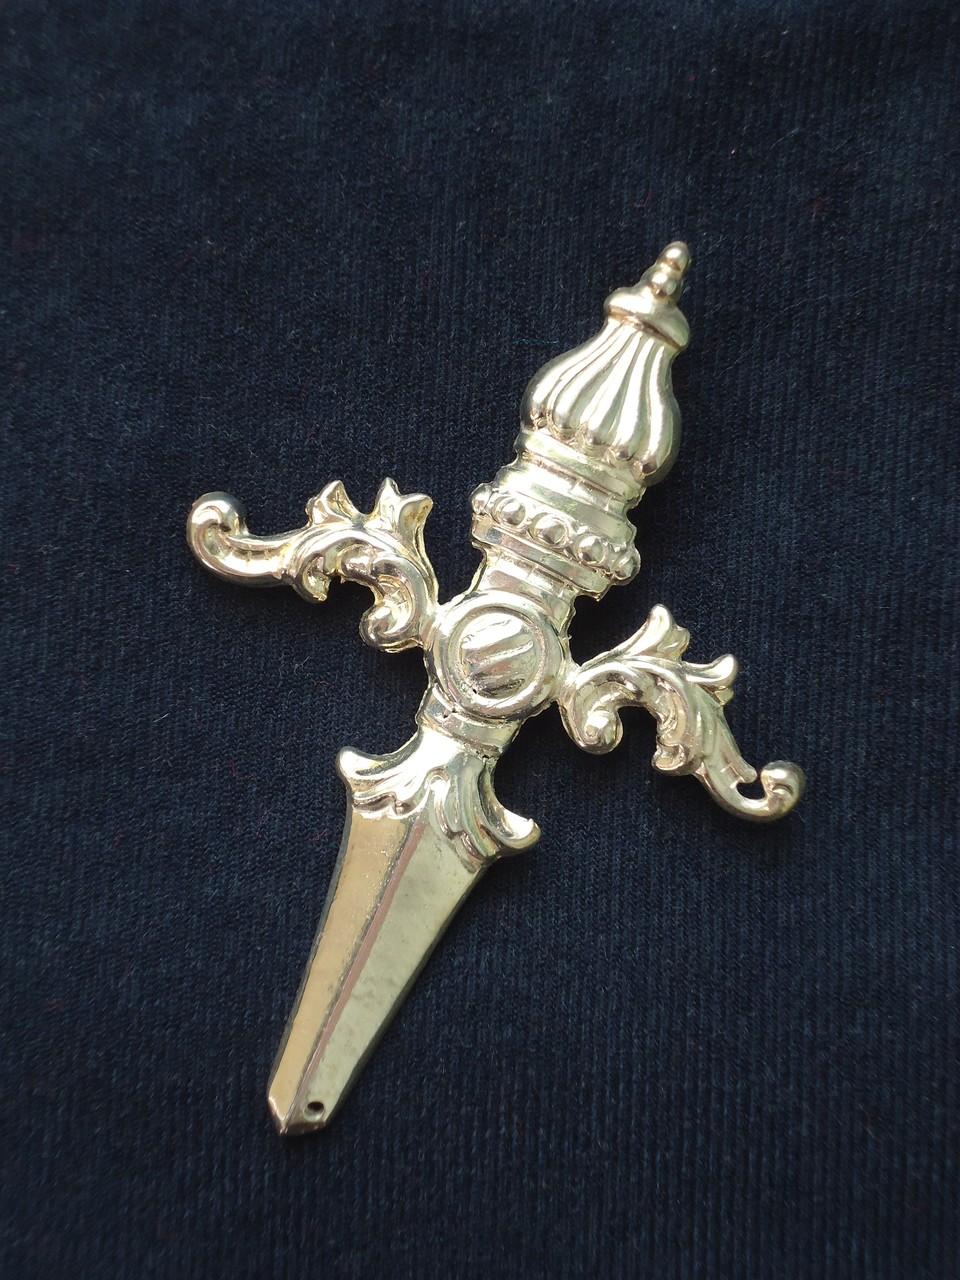 Puñal de metal bañado en plata. Medidas: 8 x 5,75 cm